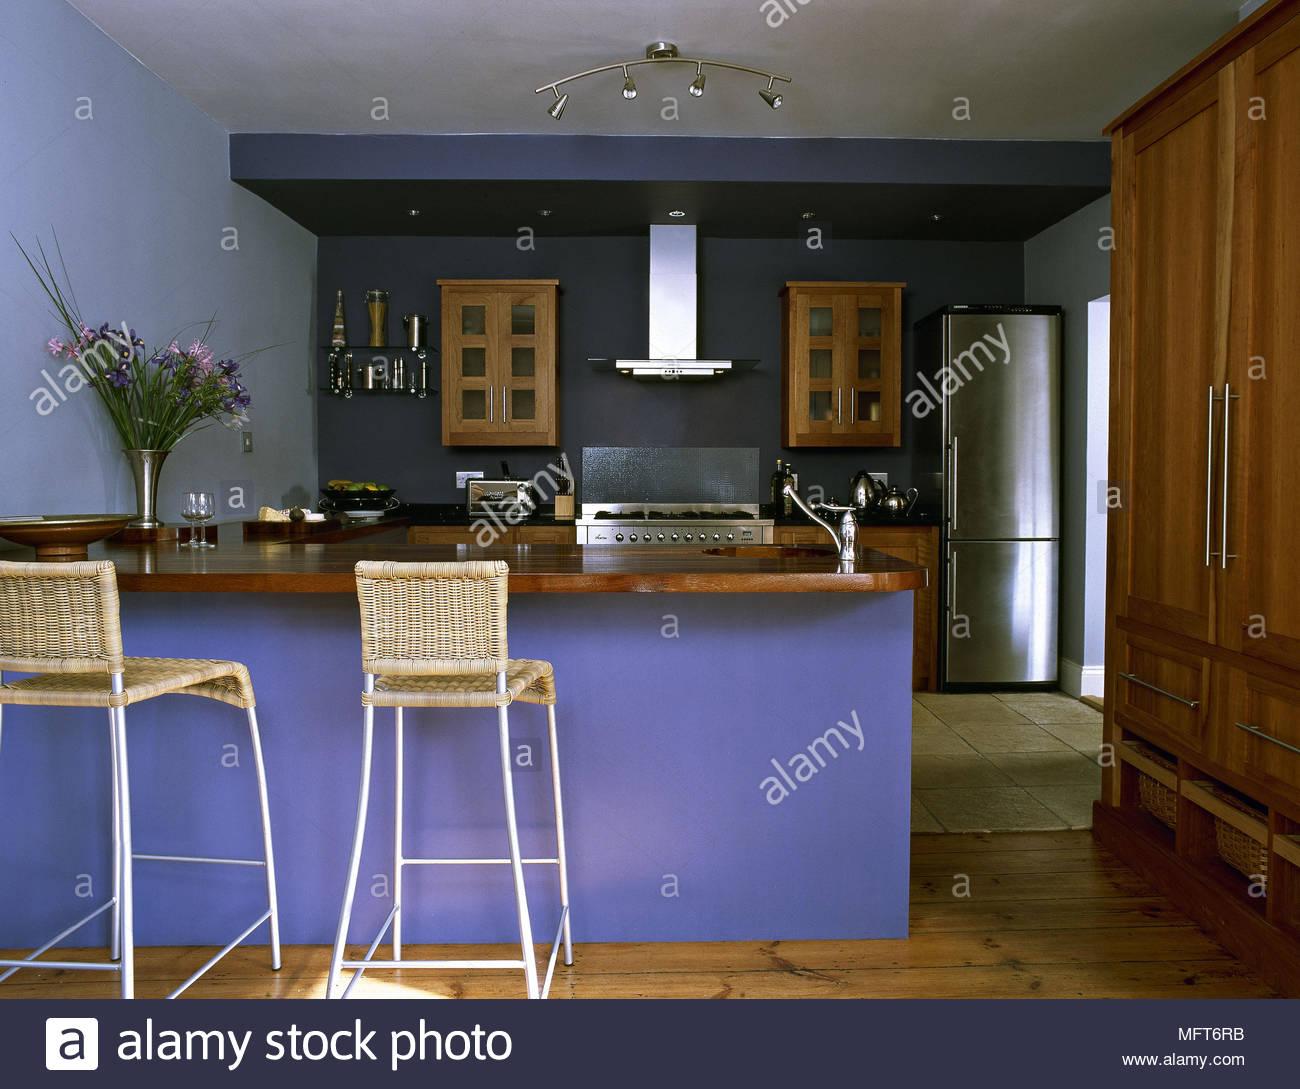 Full Size of Küche Blau Bodenfliesen Pino Landhausküche Gebraucht Massivholzküche Günstig Mit Elektrogeräten Doppel Mülleimer Umziehen Fettabscheider Bank Weiß Wohnzimmer Küche Blau